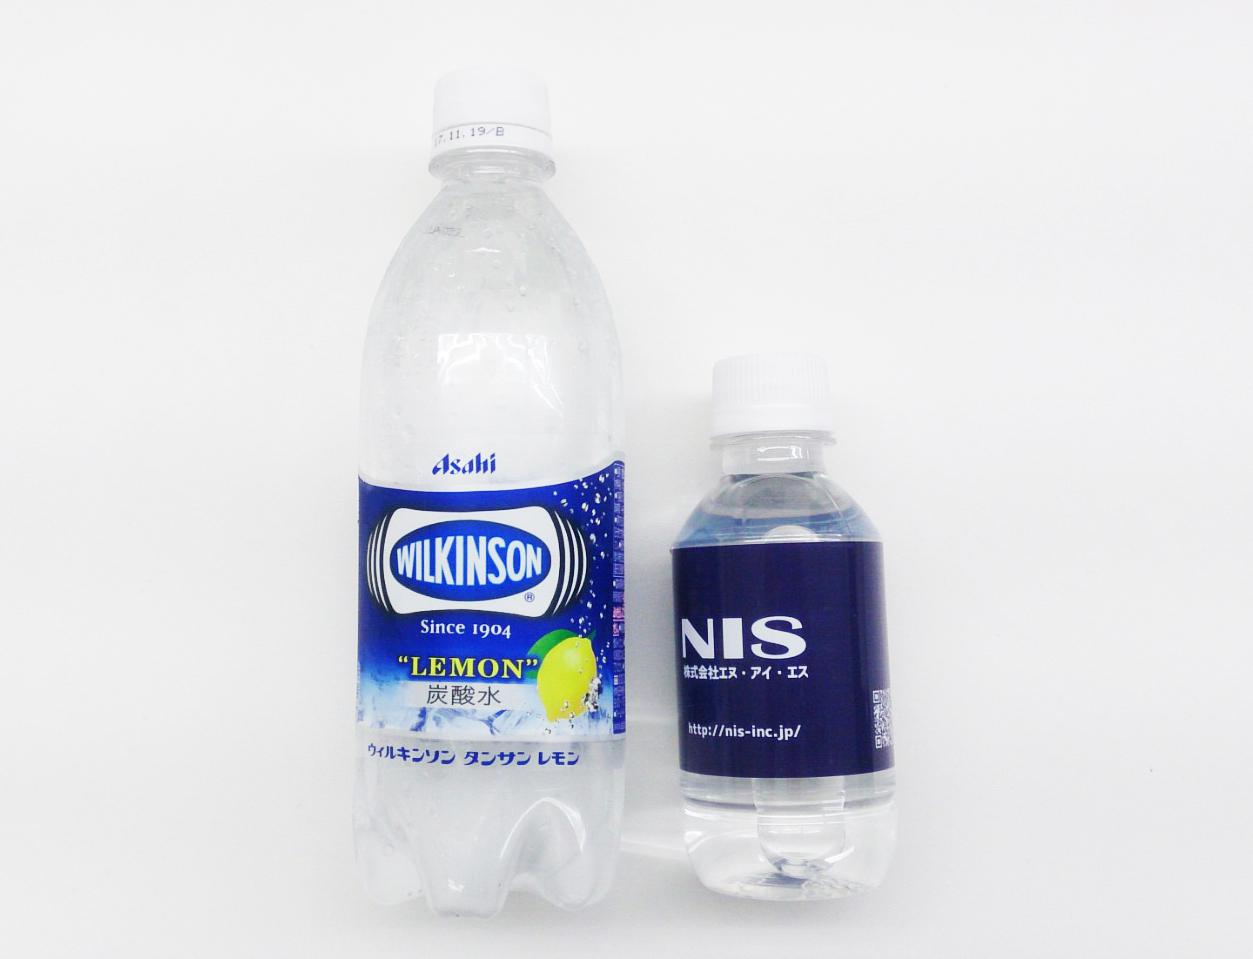 通常のペットボトルとのサイズ比較